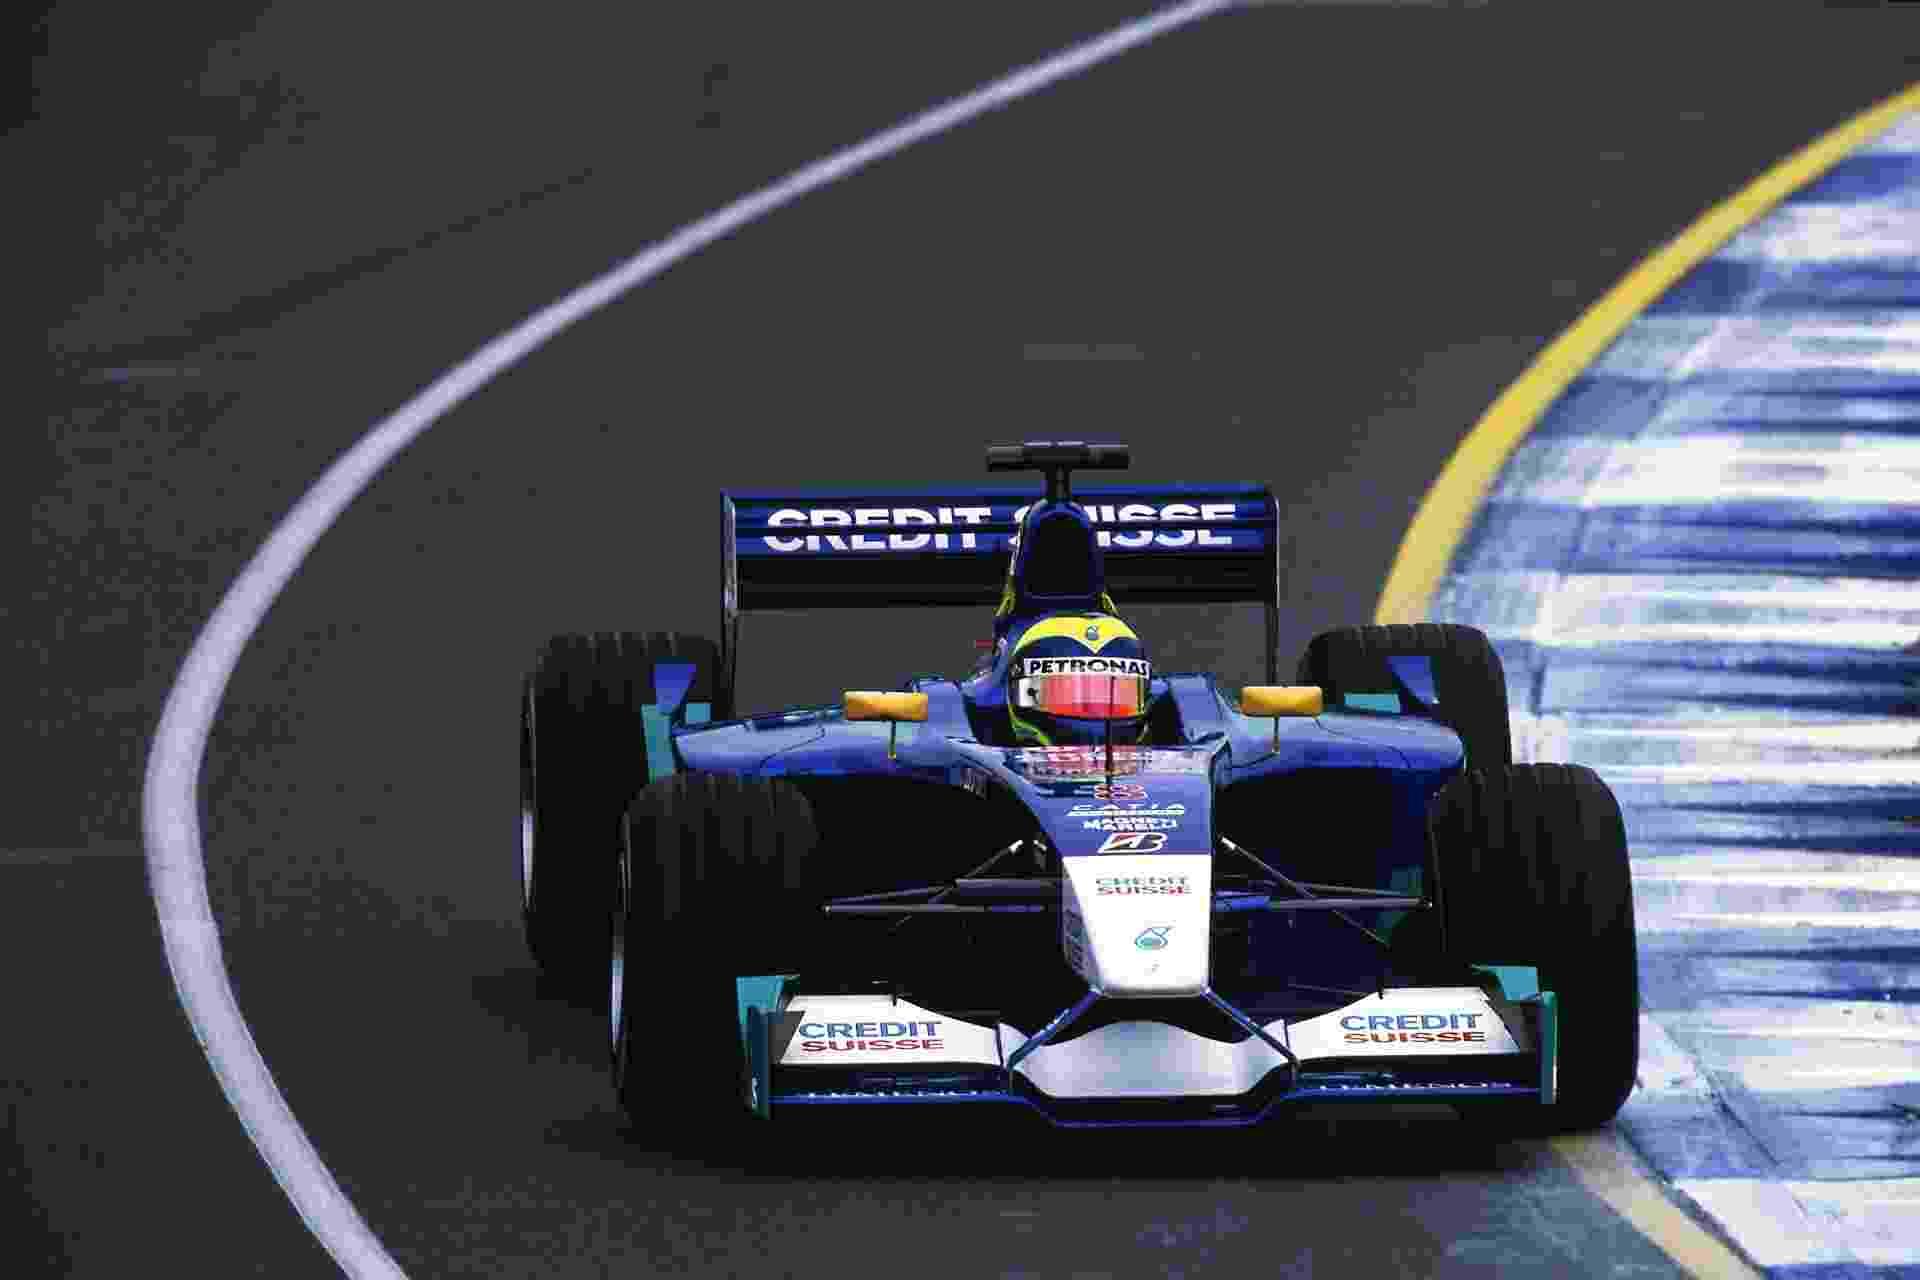 Felipe Massa fez a sua primeira corrida na Fórmula 1 em 3 de março de 2002 - Mark Thompson /Allsport